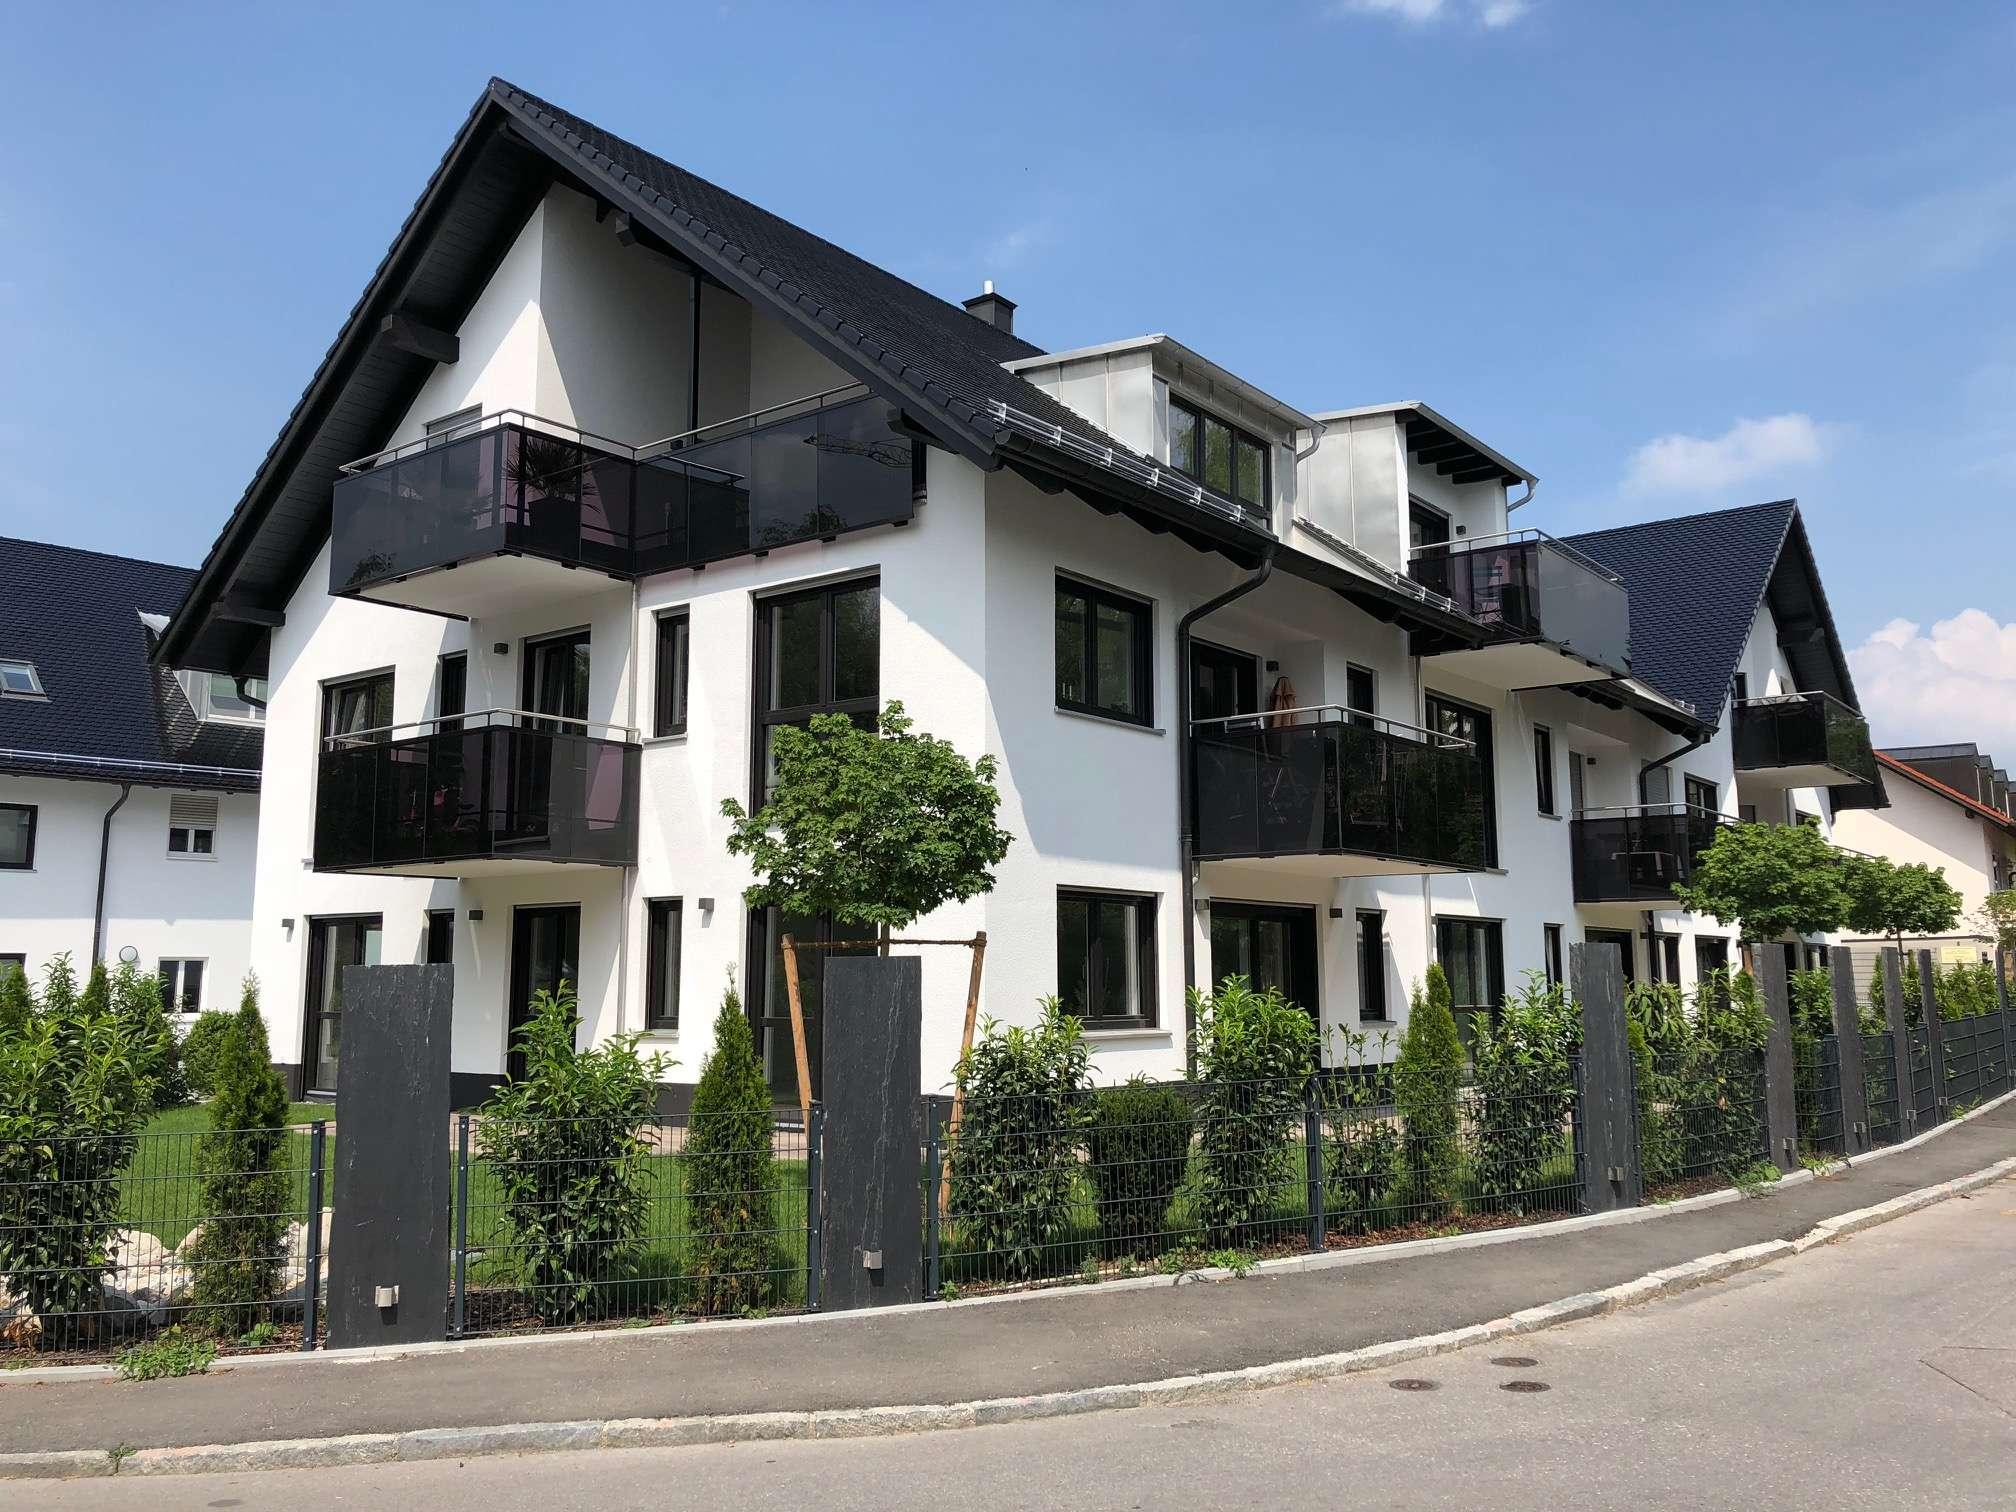 WOHNEN IM RUHIGEN- 3 Zimmer Wohnung in Ismaning